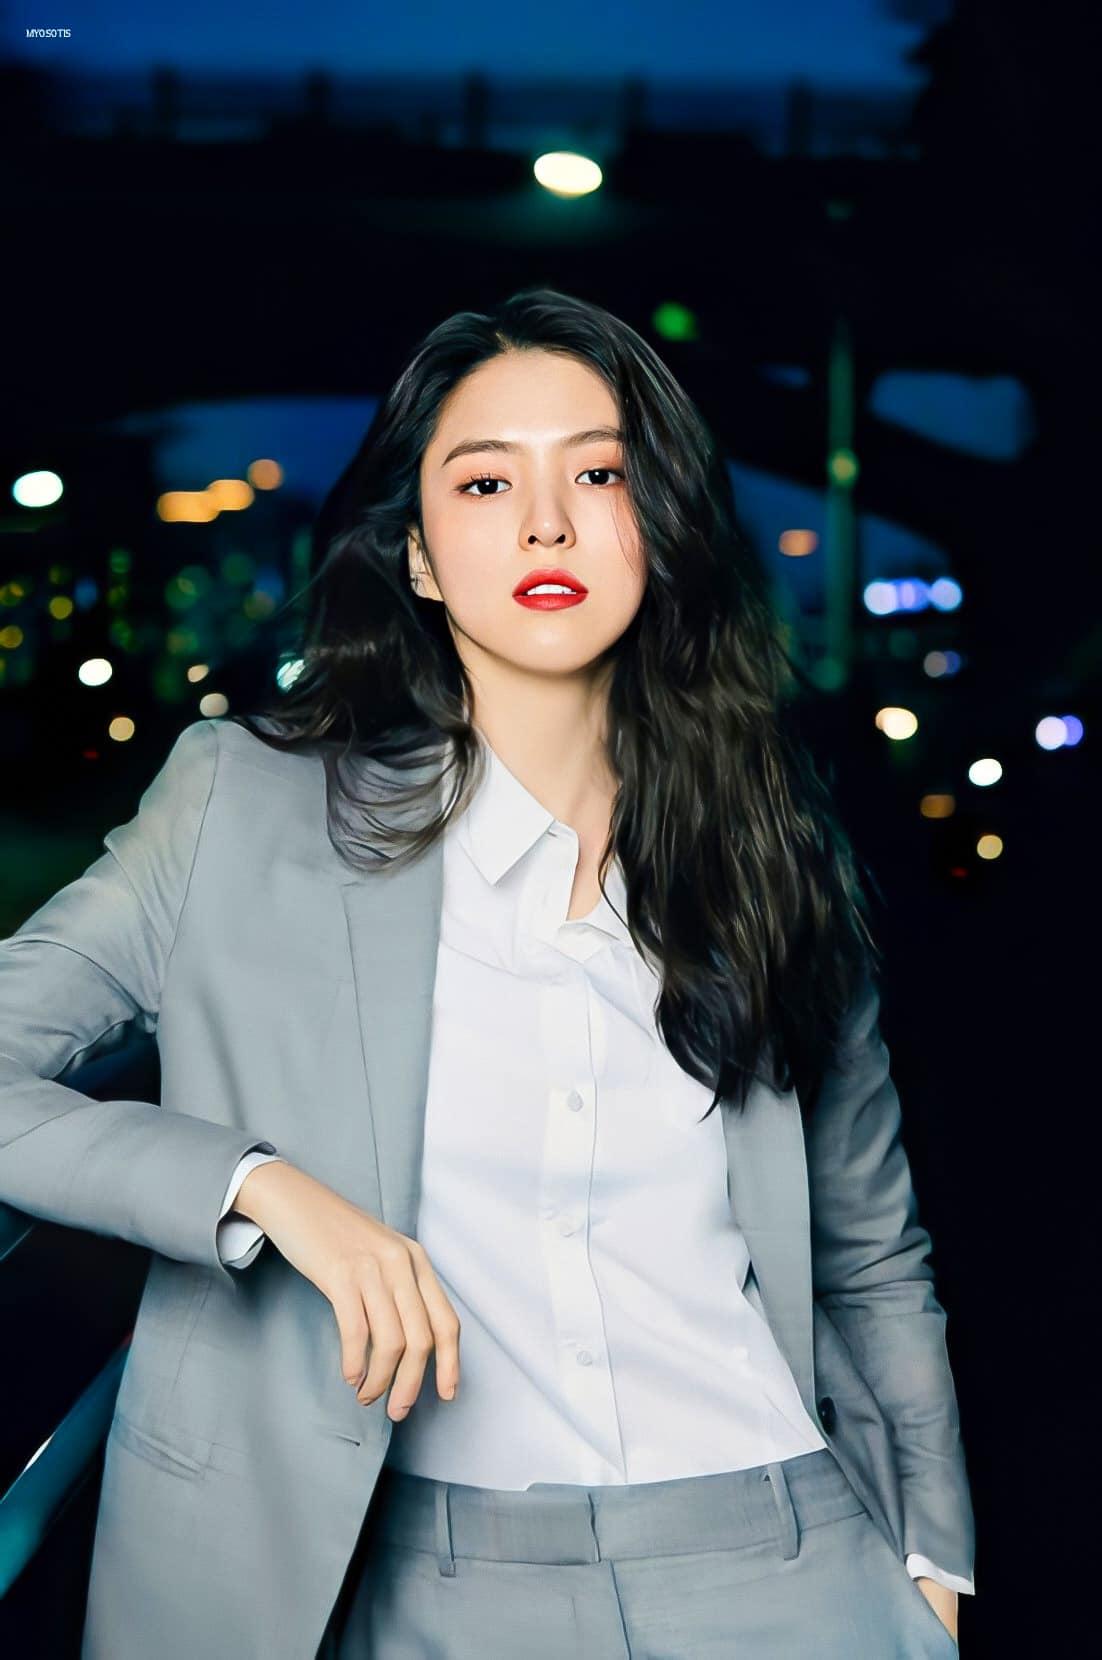 Mỗi lần tung ảnh quảng cáo mới cho các nhãn hàng, Han So Hee lại gây trầm trồ với hình ảnh xinh đẹp, mới lạ.